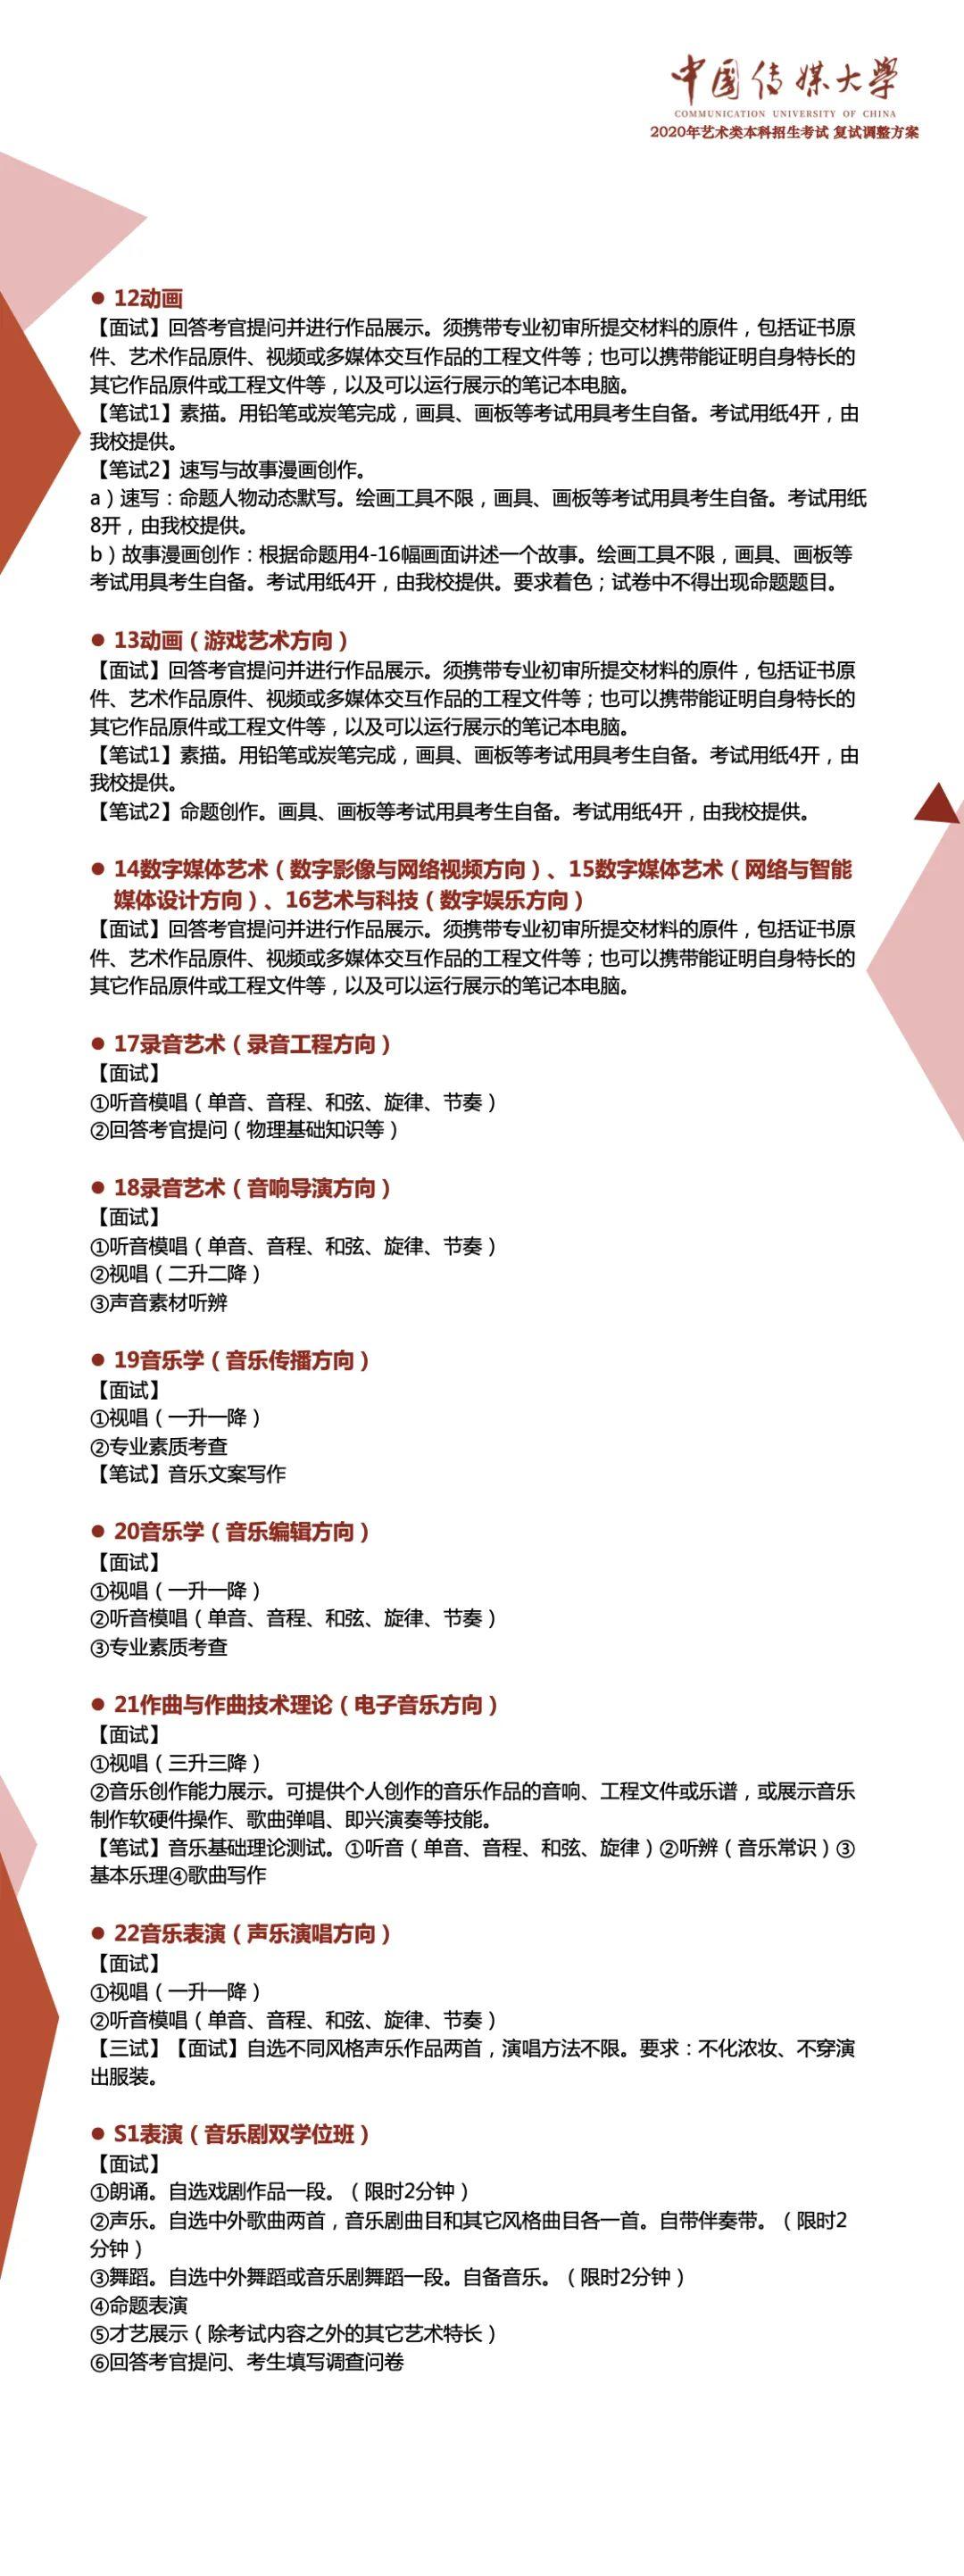 杭州画室,中国传媒大学,杭州艺考画室,08